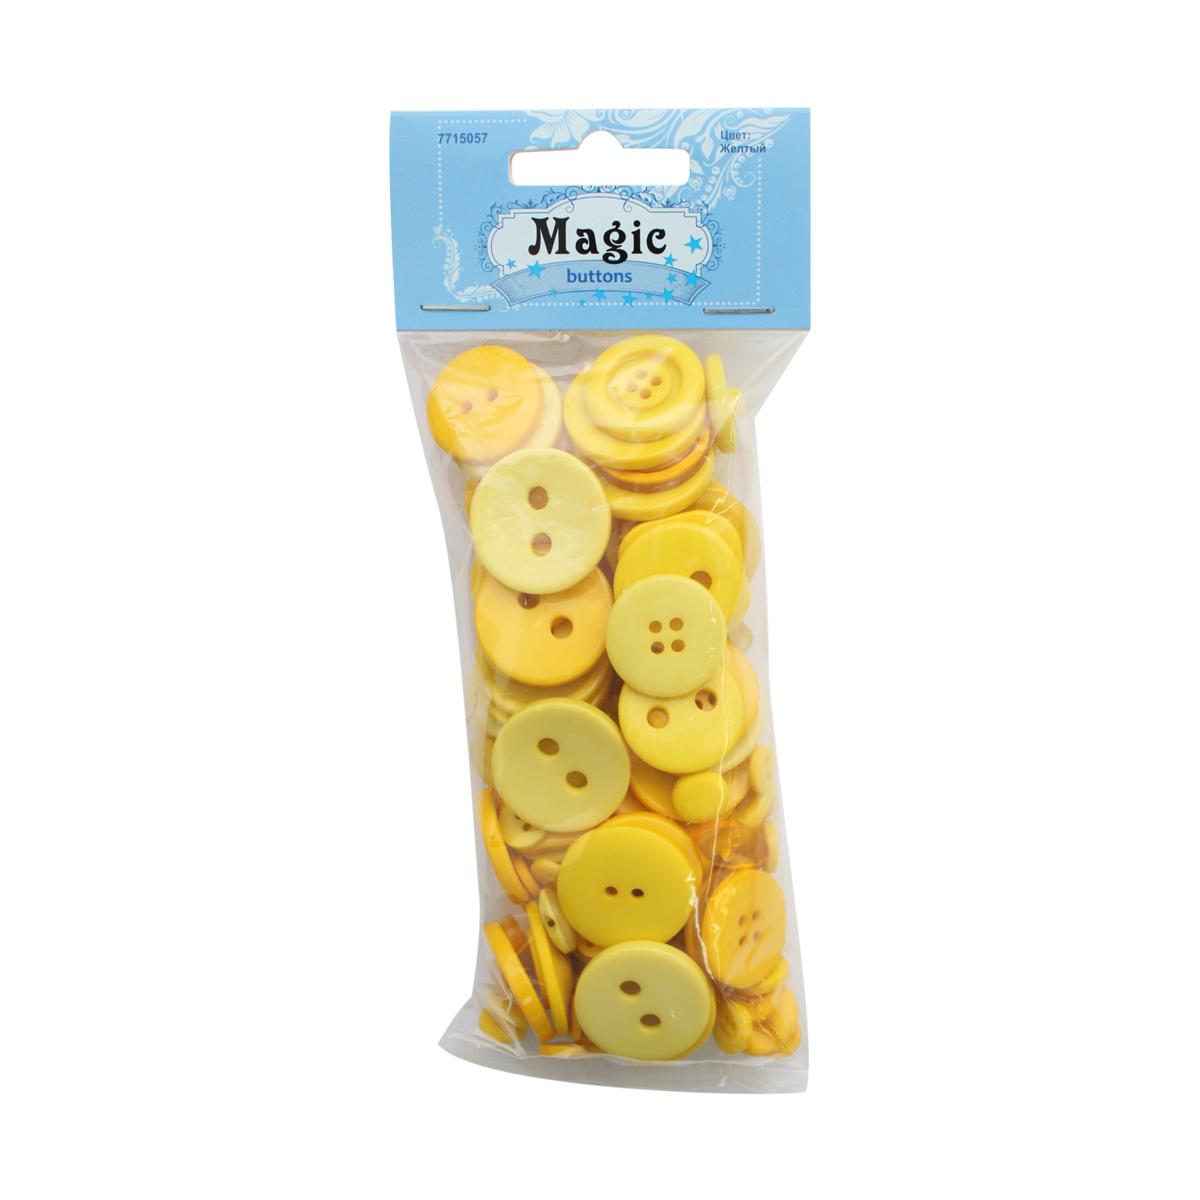 Пуговицы декоративные Magic Buttons Палитра, цвет: желтый, 100 г7715057_ЖелтыйЯркие и красочные пуговицы Magic Buttons станут прекрасным дополнением к любому образу. Пуговицы выполнены в разных цветовых вариантах и формах.